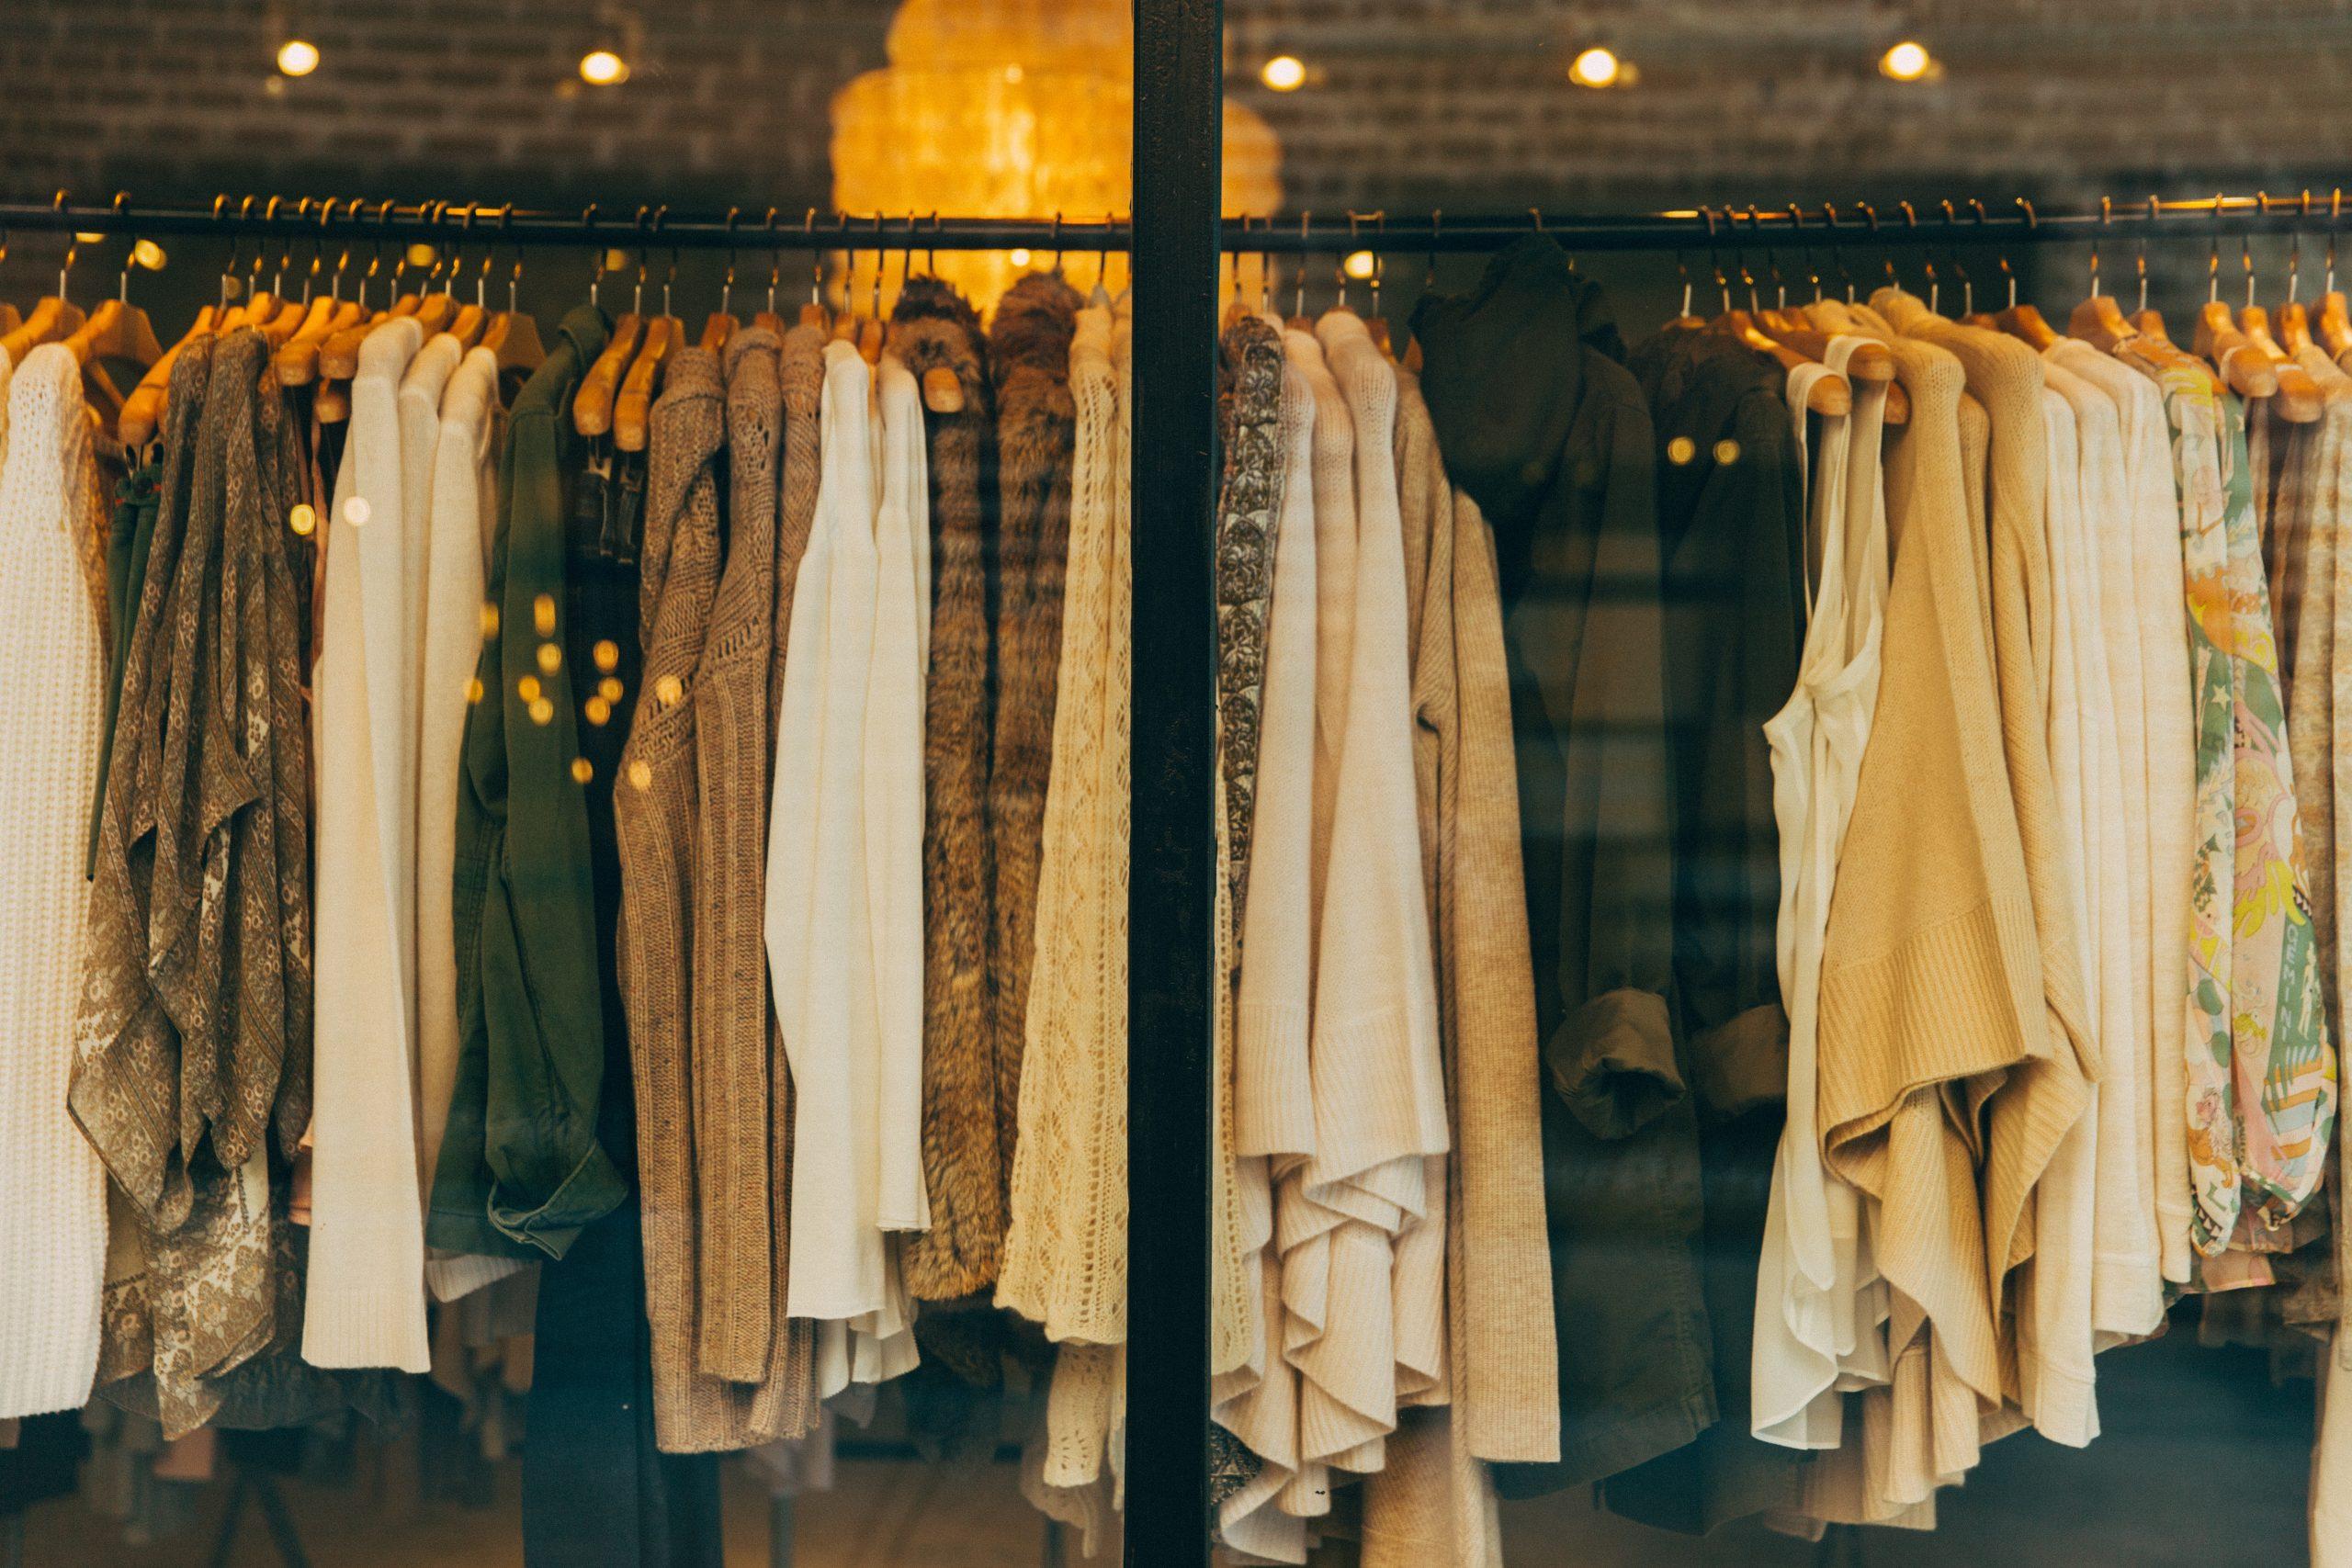 تعداد زیادی لباس در کنار هم که میتواند نشان دهنده تاثیرات مخرب فست فشن روی انسان ها را به نمایش بگذارد